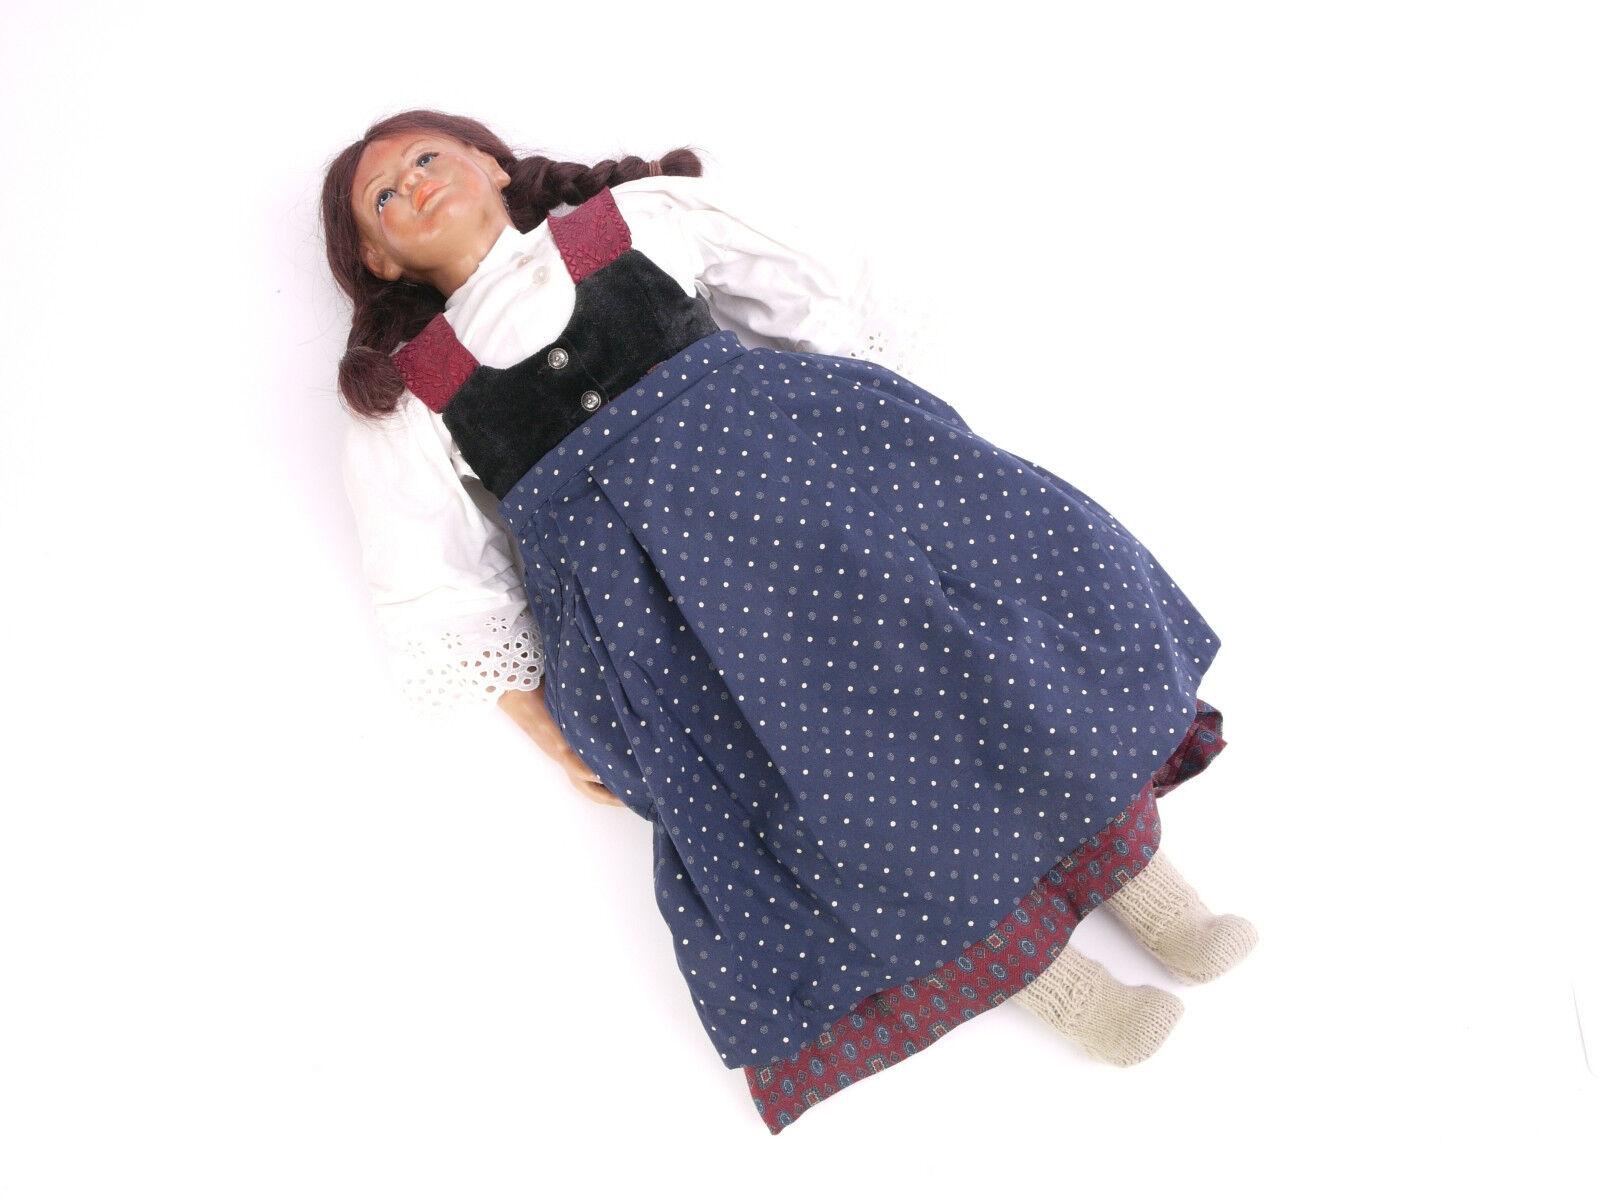 Sigikid artistas muñeca kerstin patinador 276 999 24681 aprox. 70 cm